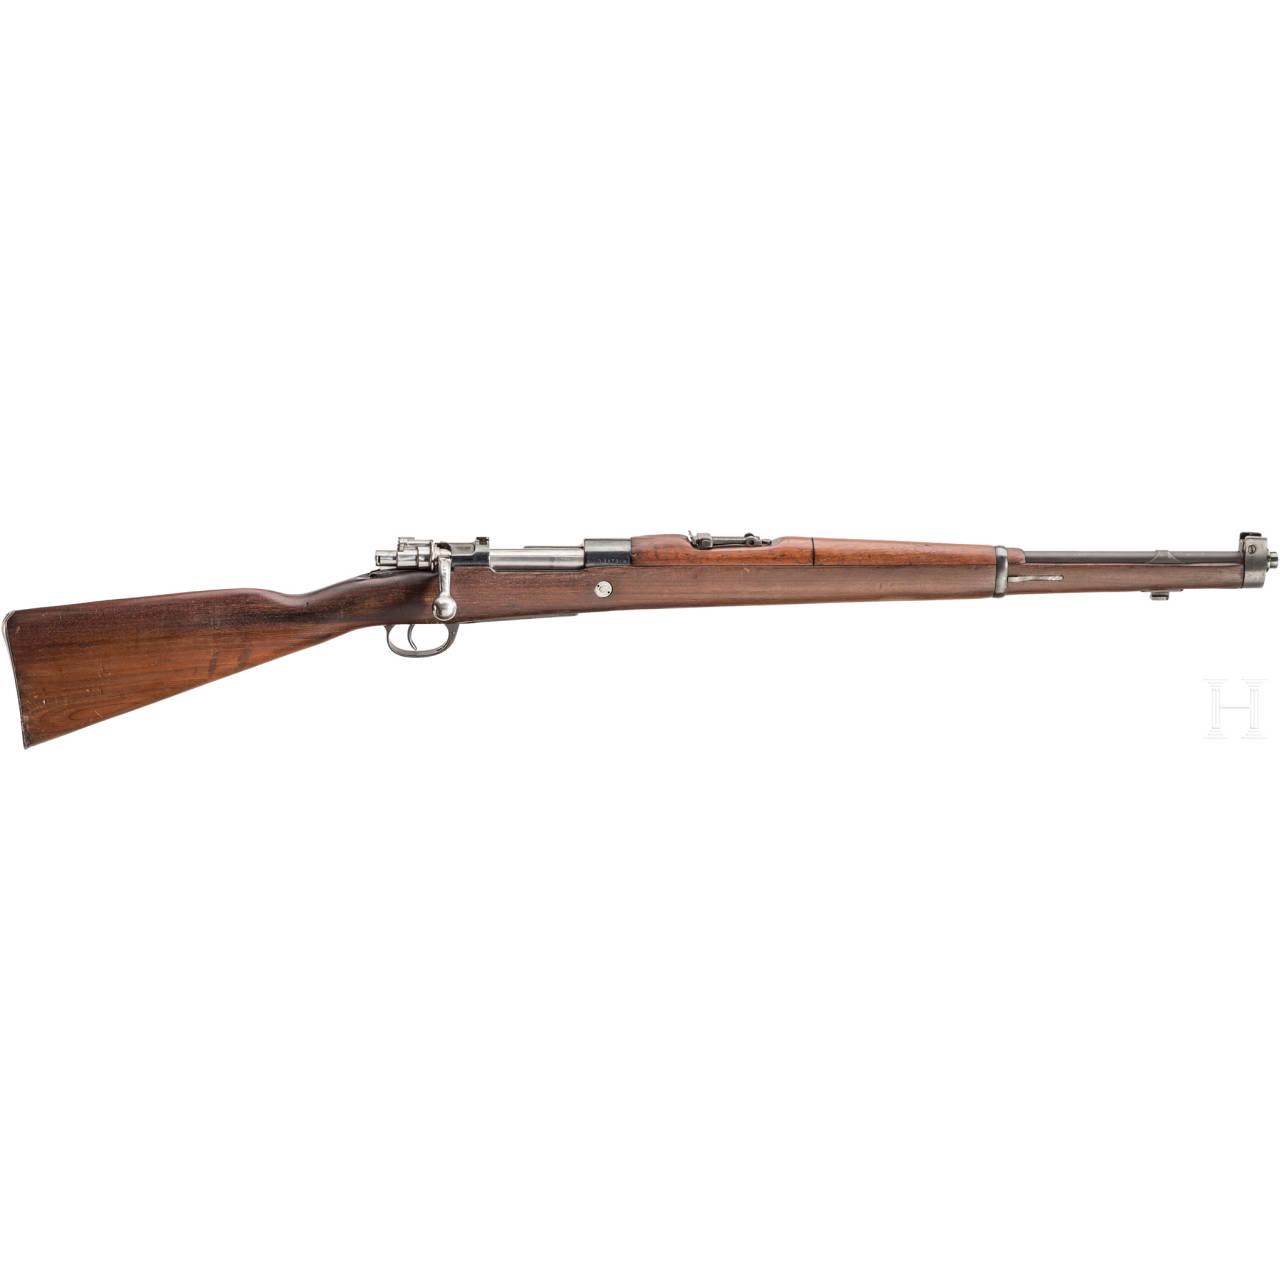 Mauser-Karabiner, Mod. 1909, Argentinien